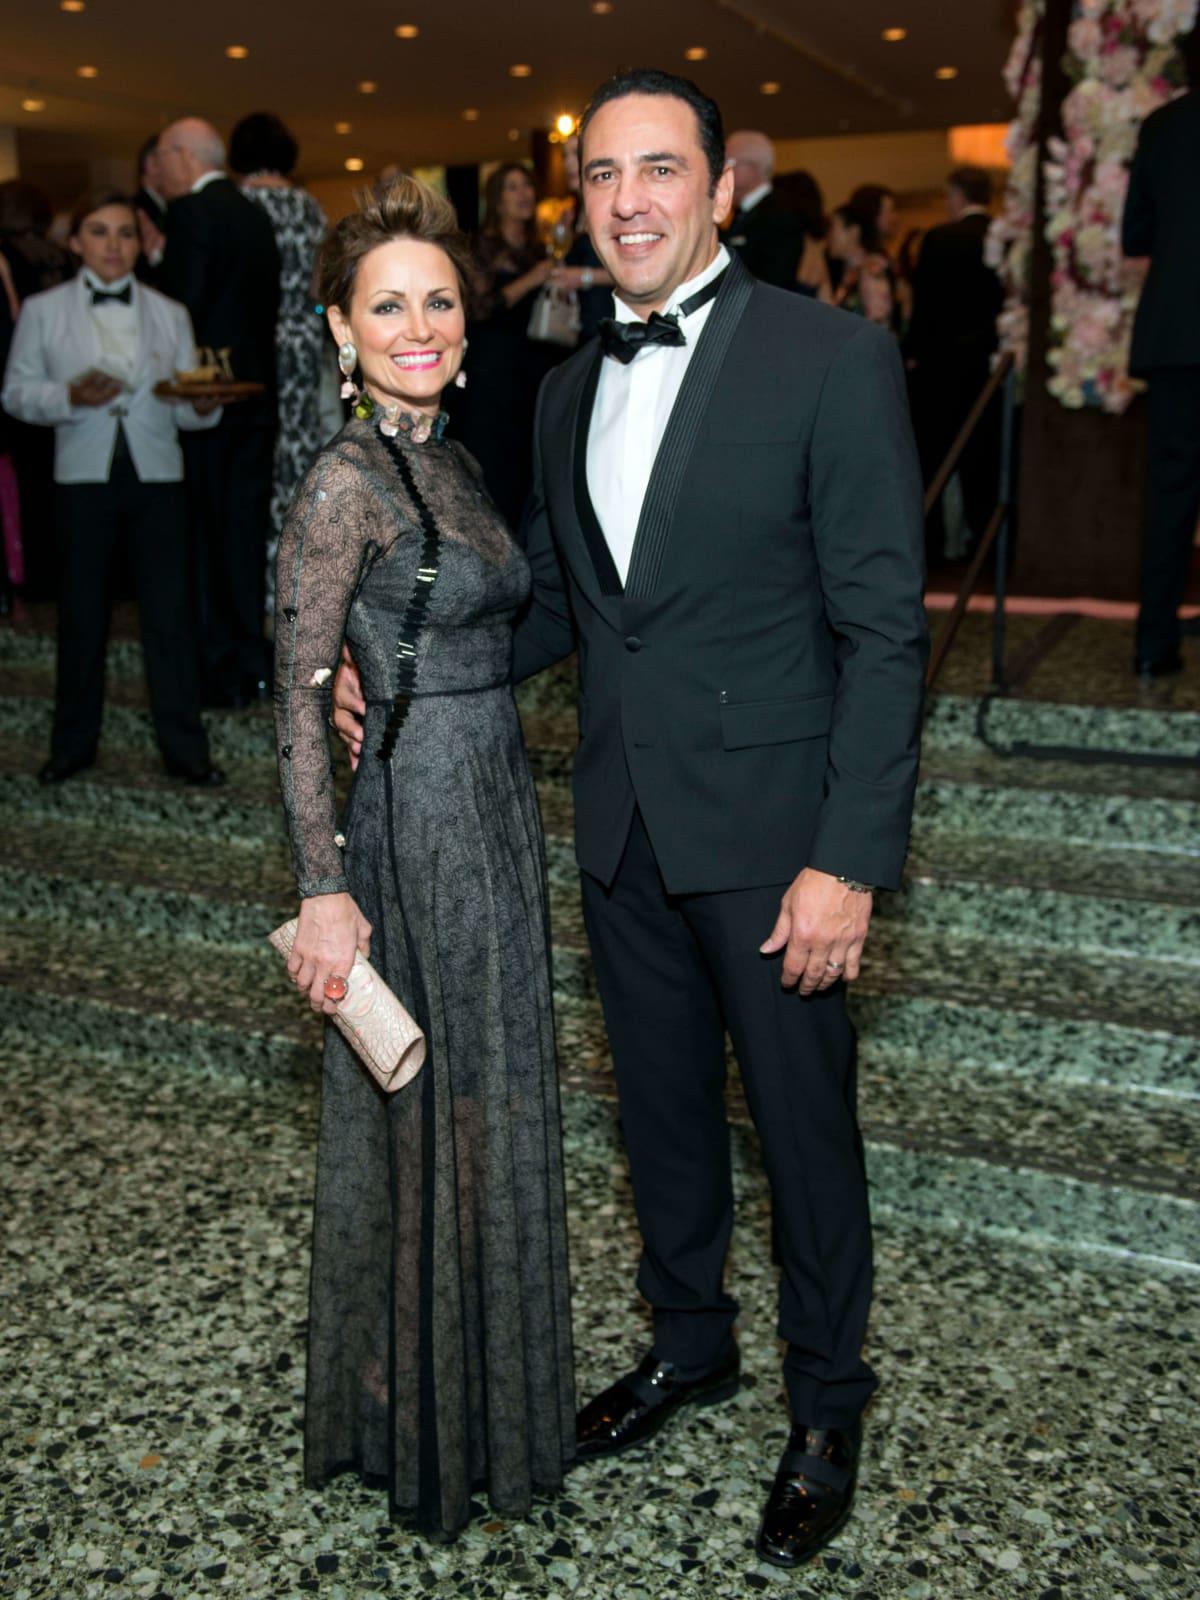 Lucinda Loya, Javier Loya at Museum of Fine Arts Grand Gala